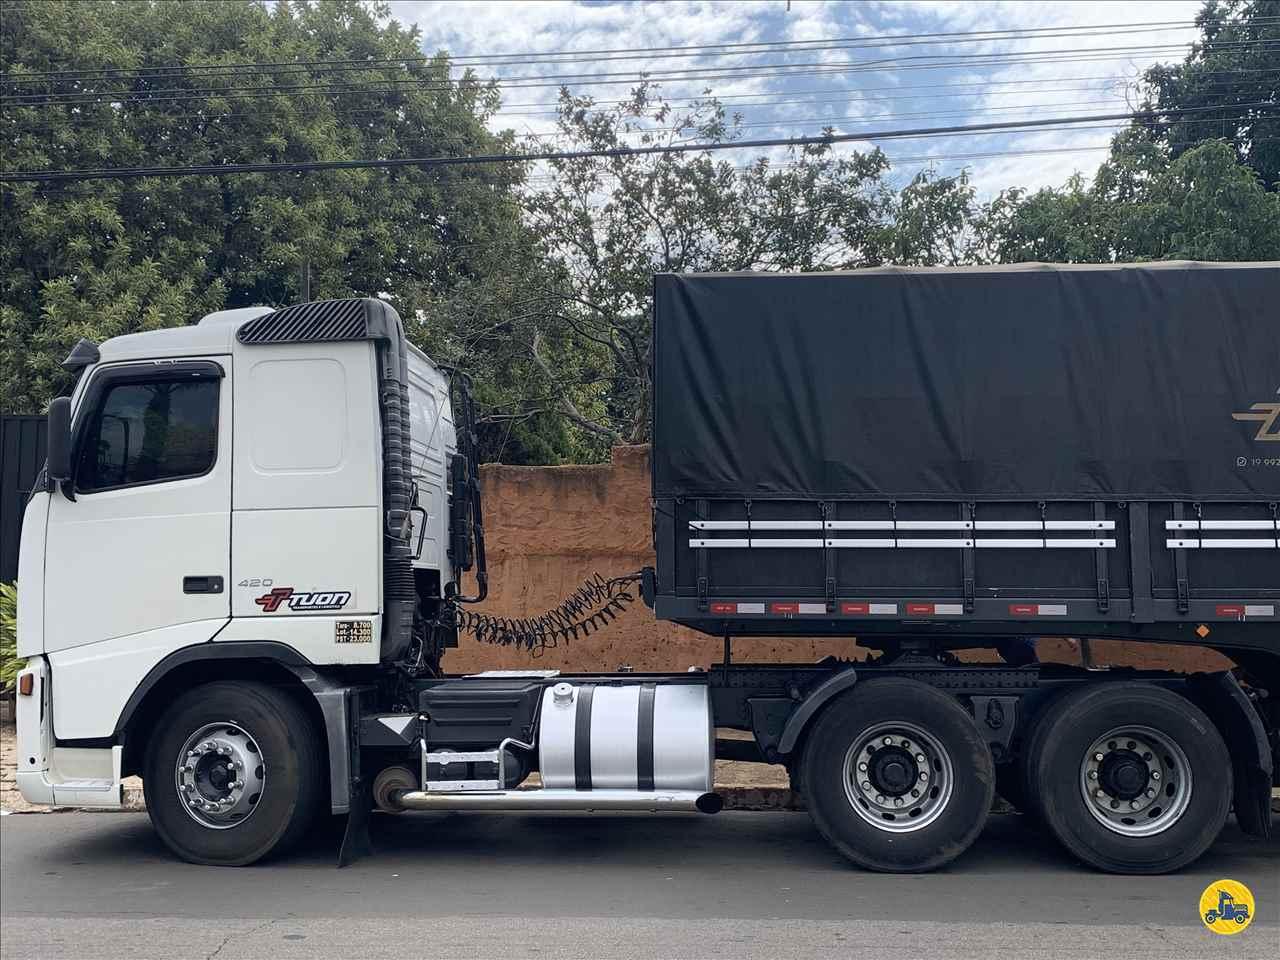 VOLVO FH 420 de Transportadora Tuon - PIRASSUNUNGA/SP